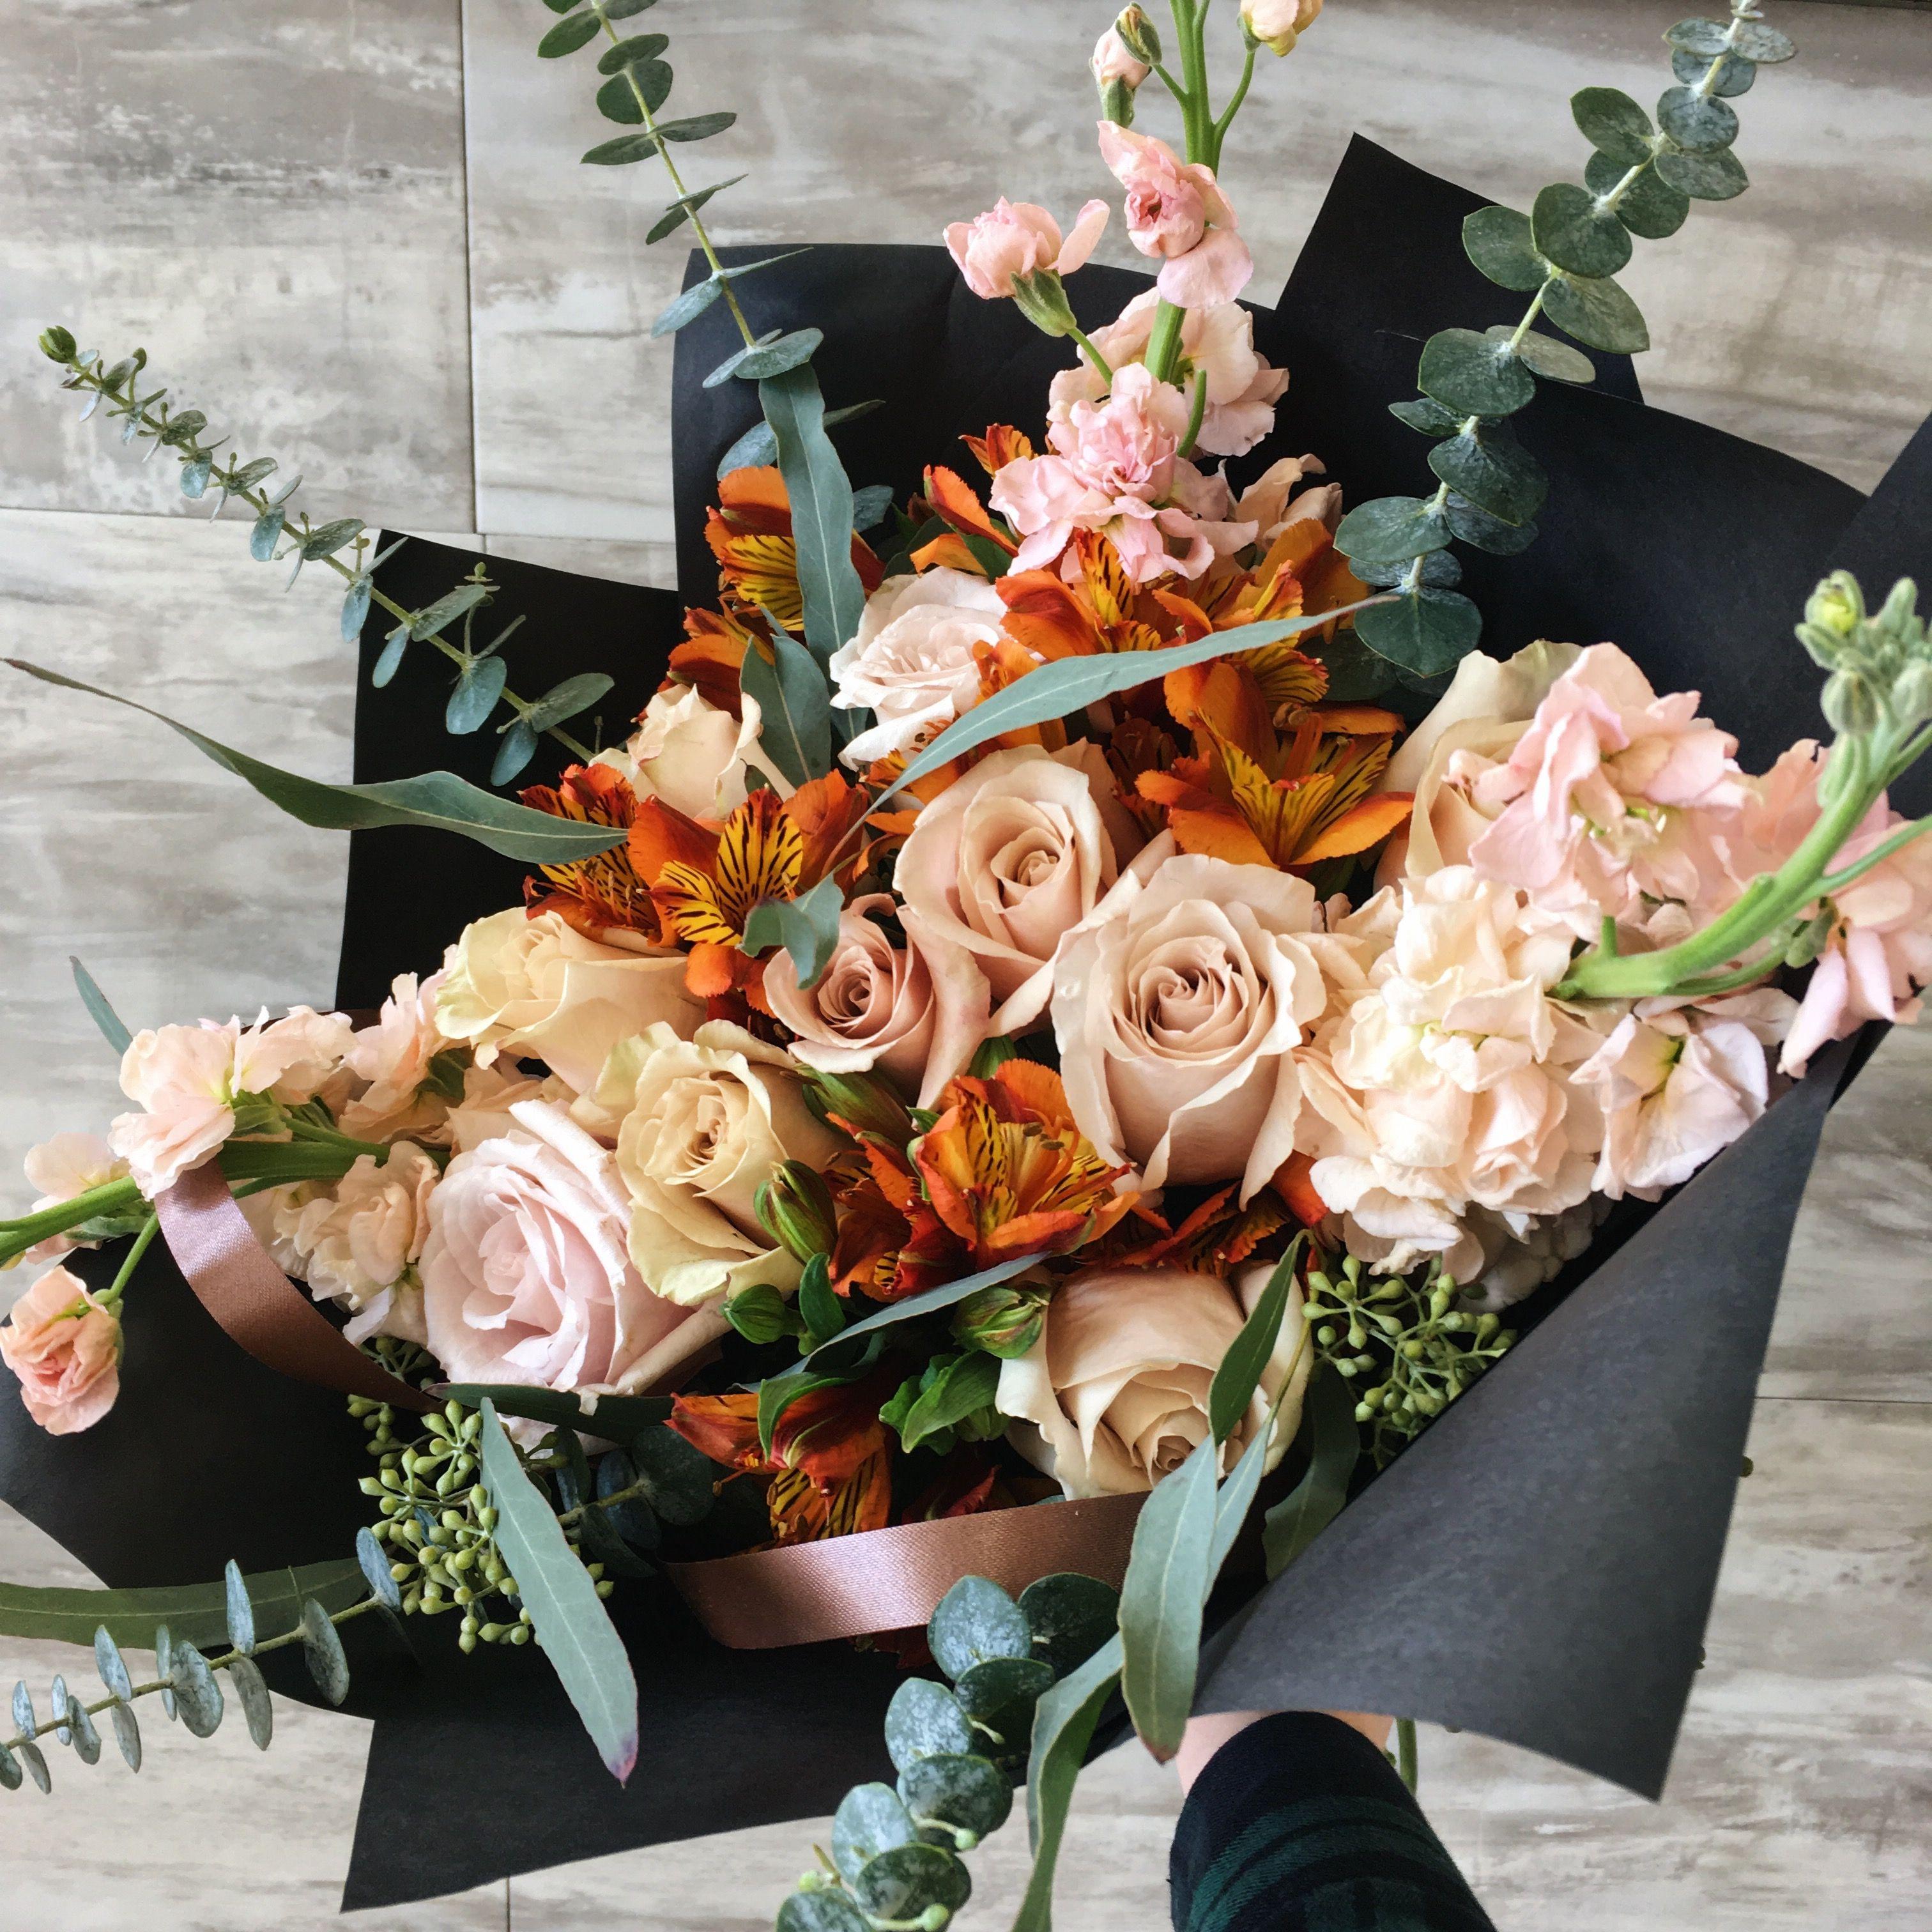 Bouquet black wrapping paper bouquet bouquet for men